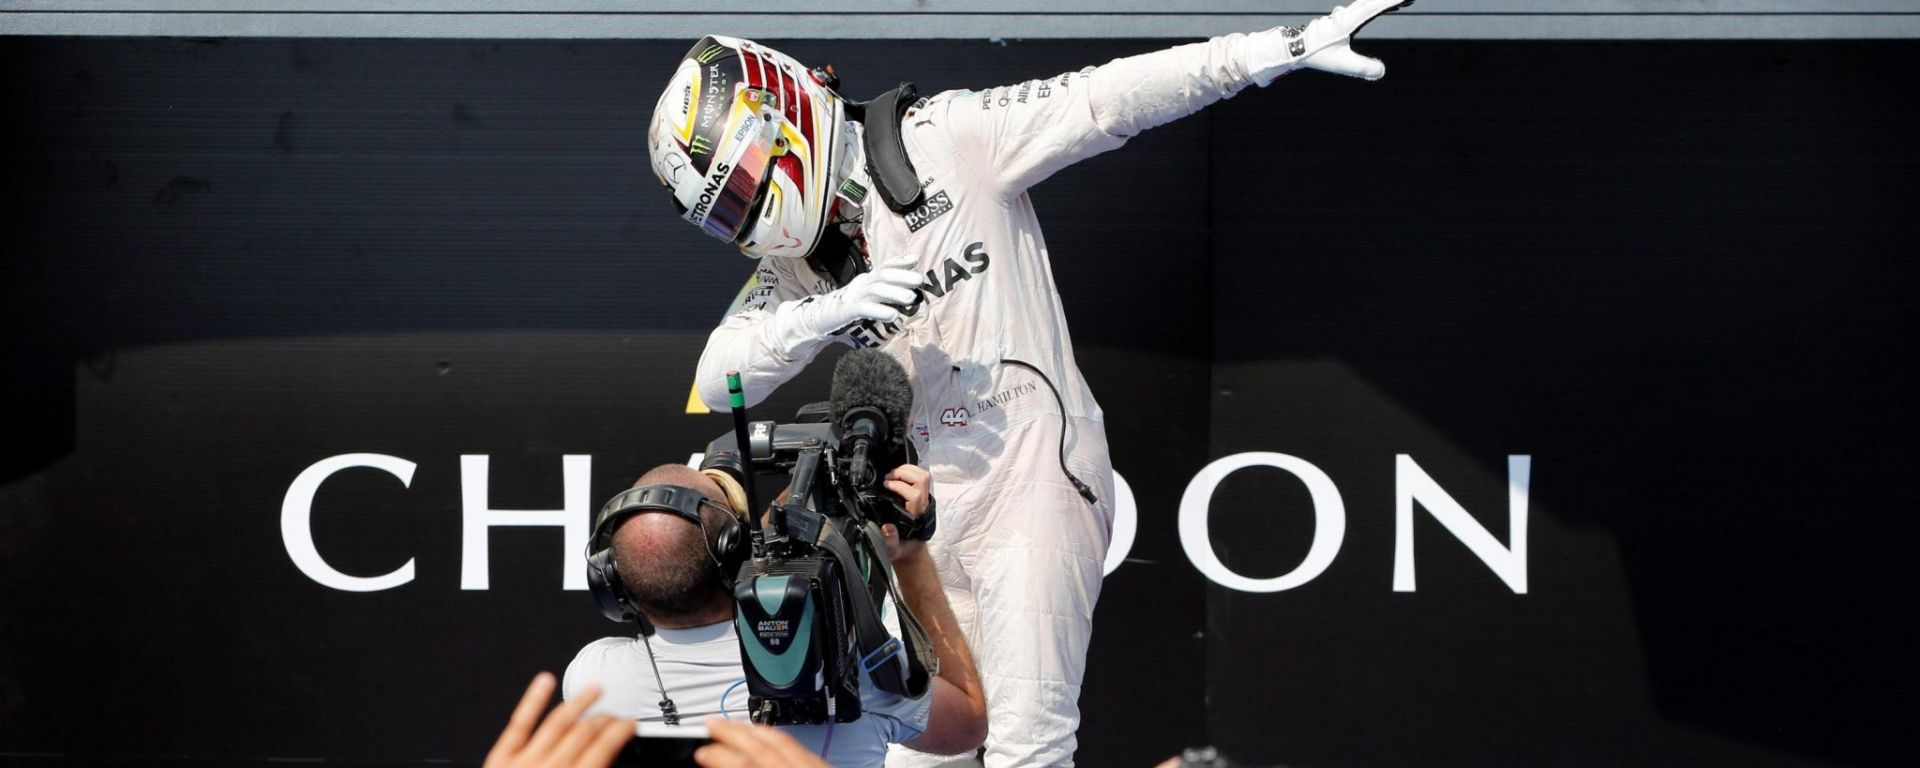 Hamilton e la sua Dumb Dance sotto il podio - GP Ungheria